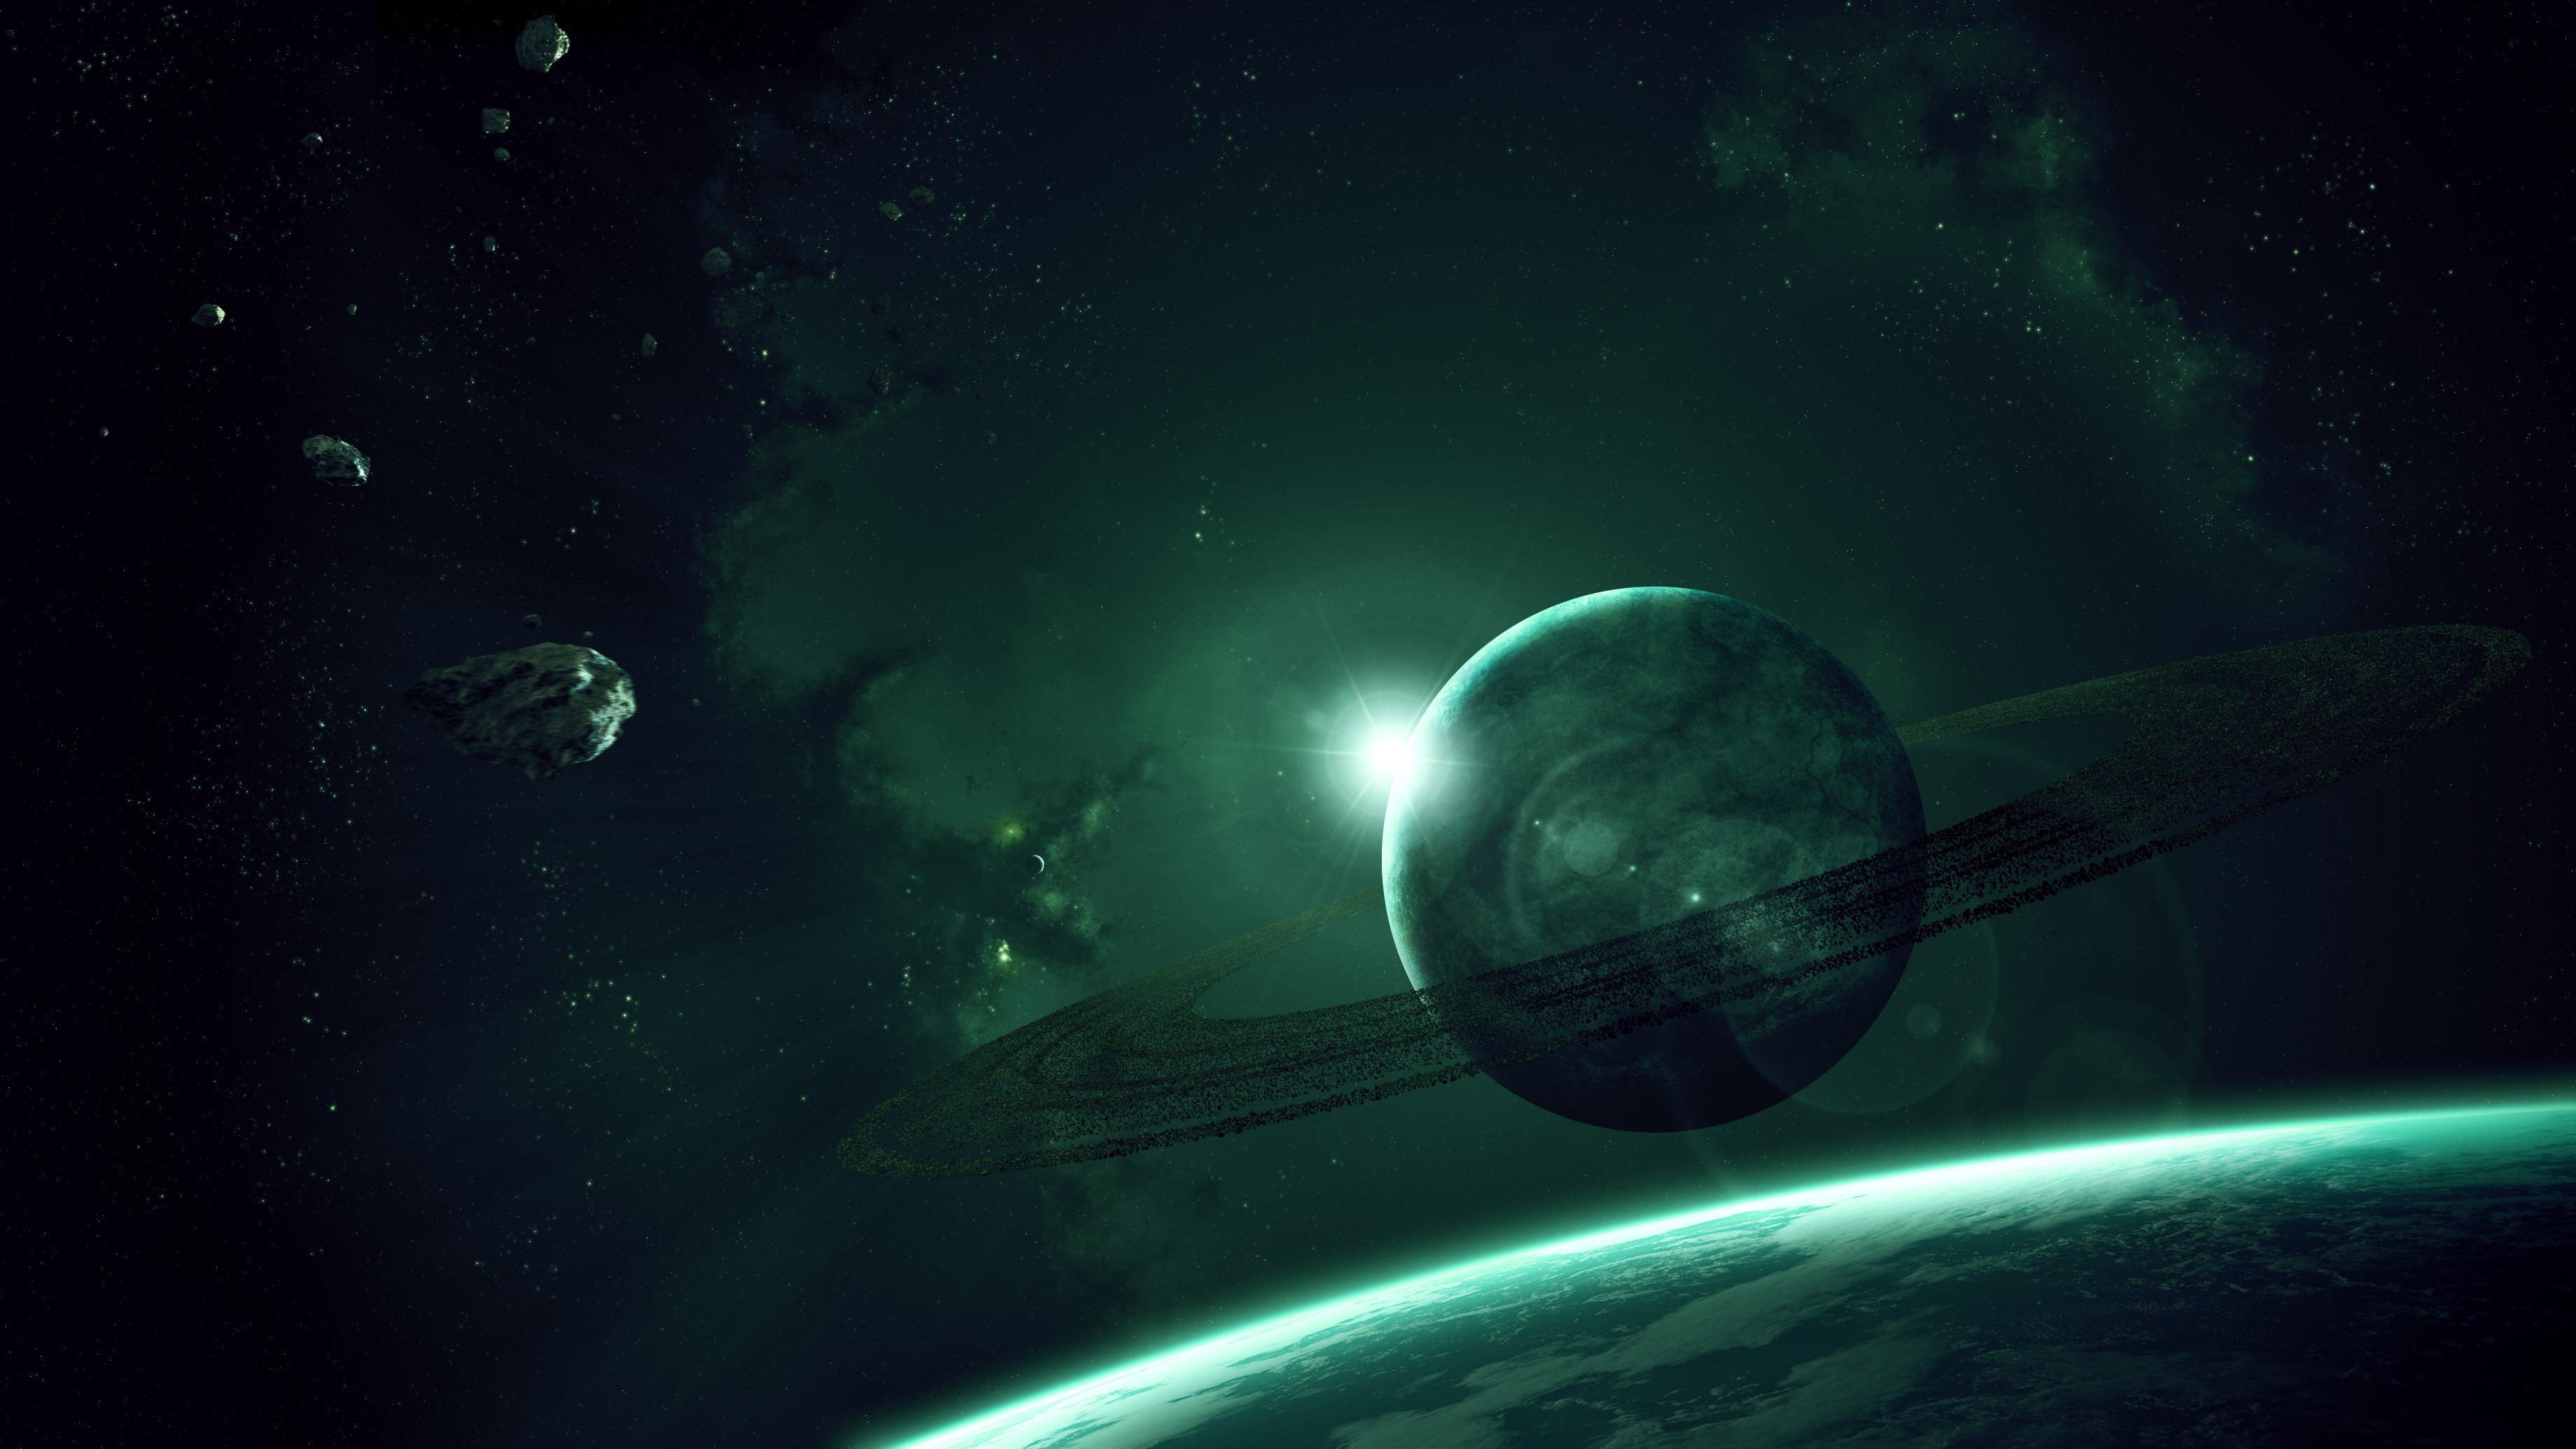 Обои Темная планета картинки на рабочий стол на тему Космос - скачать  № 1763095 бесплатно